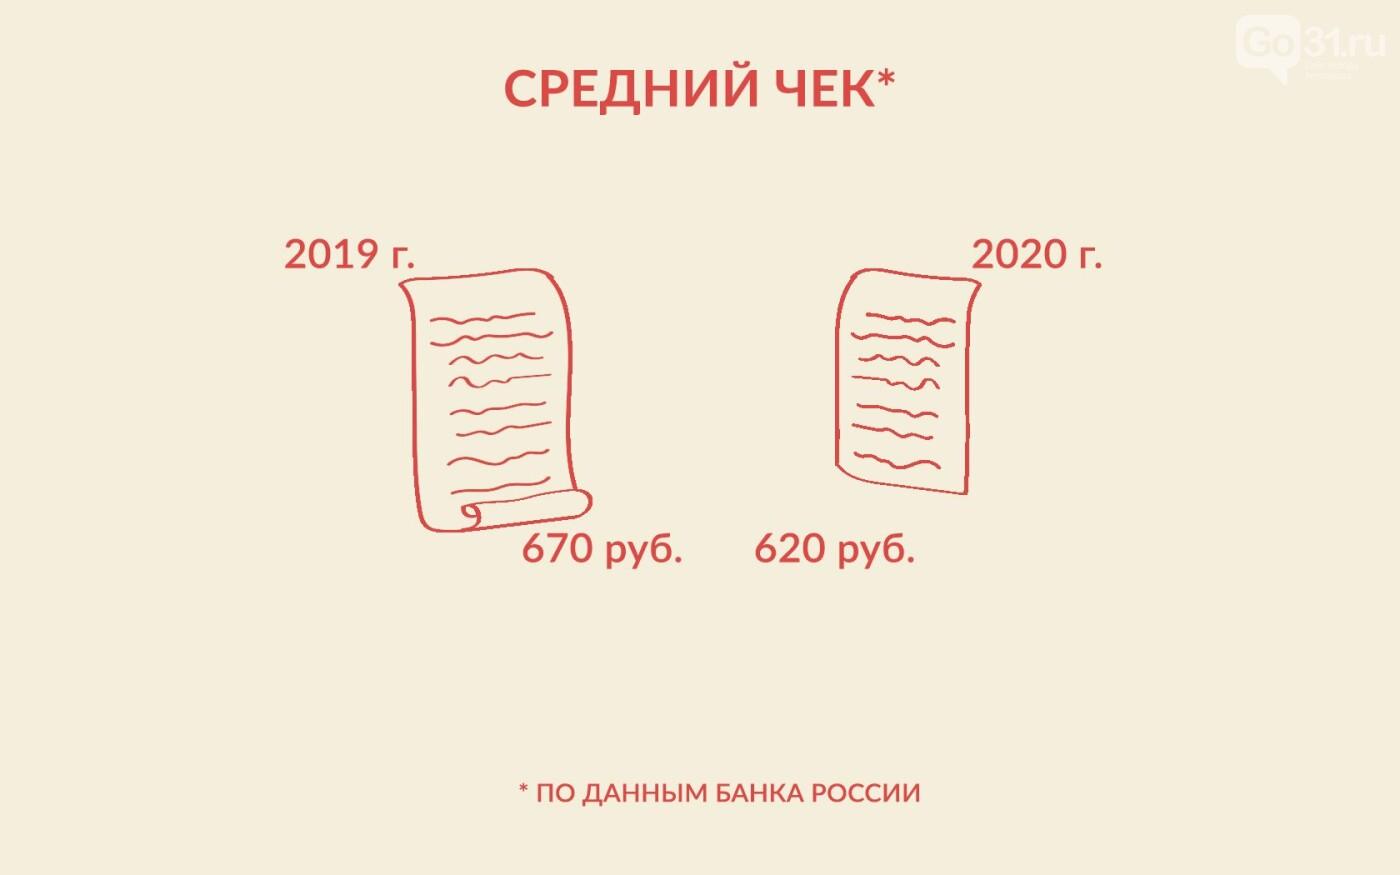 Использование платёжных карт в Белгородской области, Графика: Светлана Махонина, Виктория Лопырева